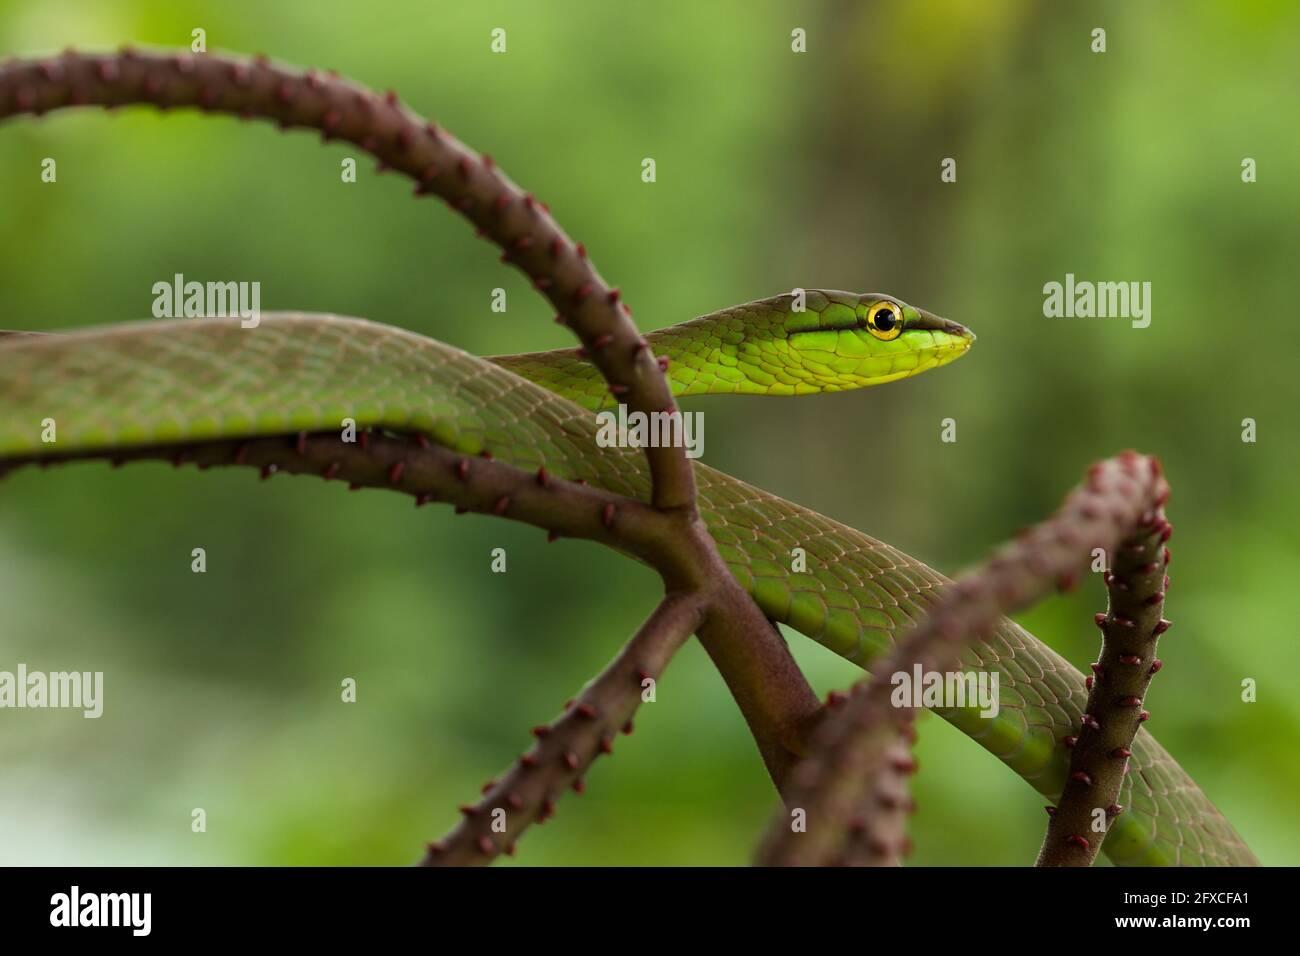 La serpiente de nariz corta - Oxybelis brevirostris, es una serpiente arbórea que prey principalmente en ranas y lagartos de árbol. Foto de stock